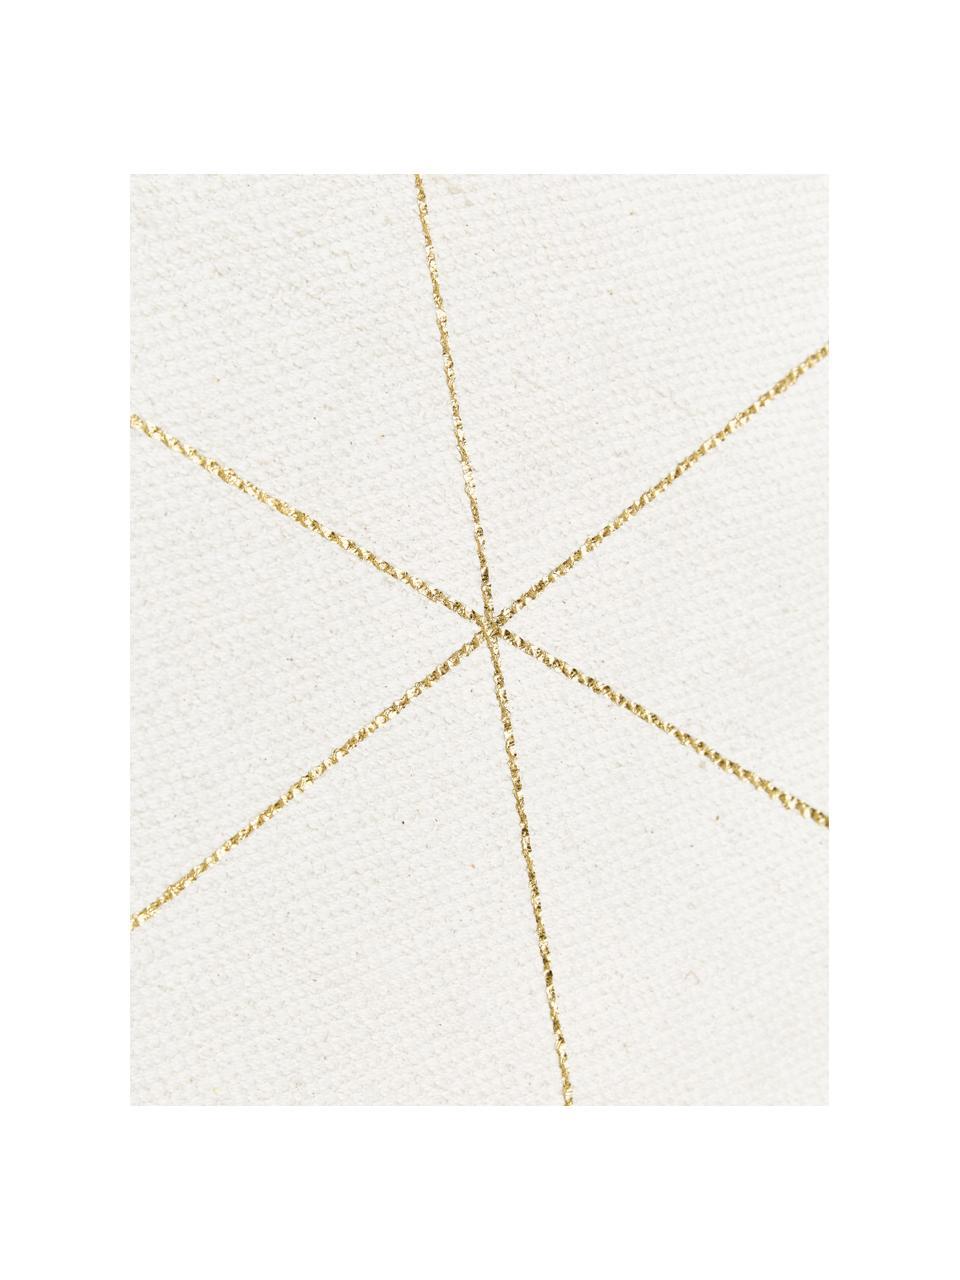 Flachgewebter Baumwollteppich Yena in Beige/Goldfarben mit Fransenabschluss, Beige, Gold, B 70 x L 140 cm (Größe XS)